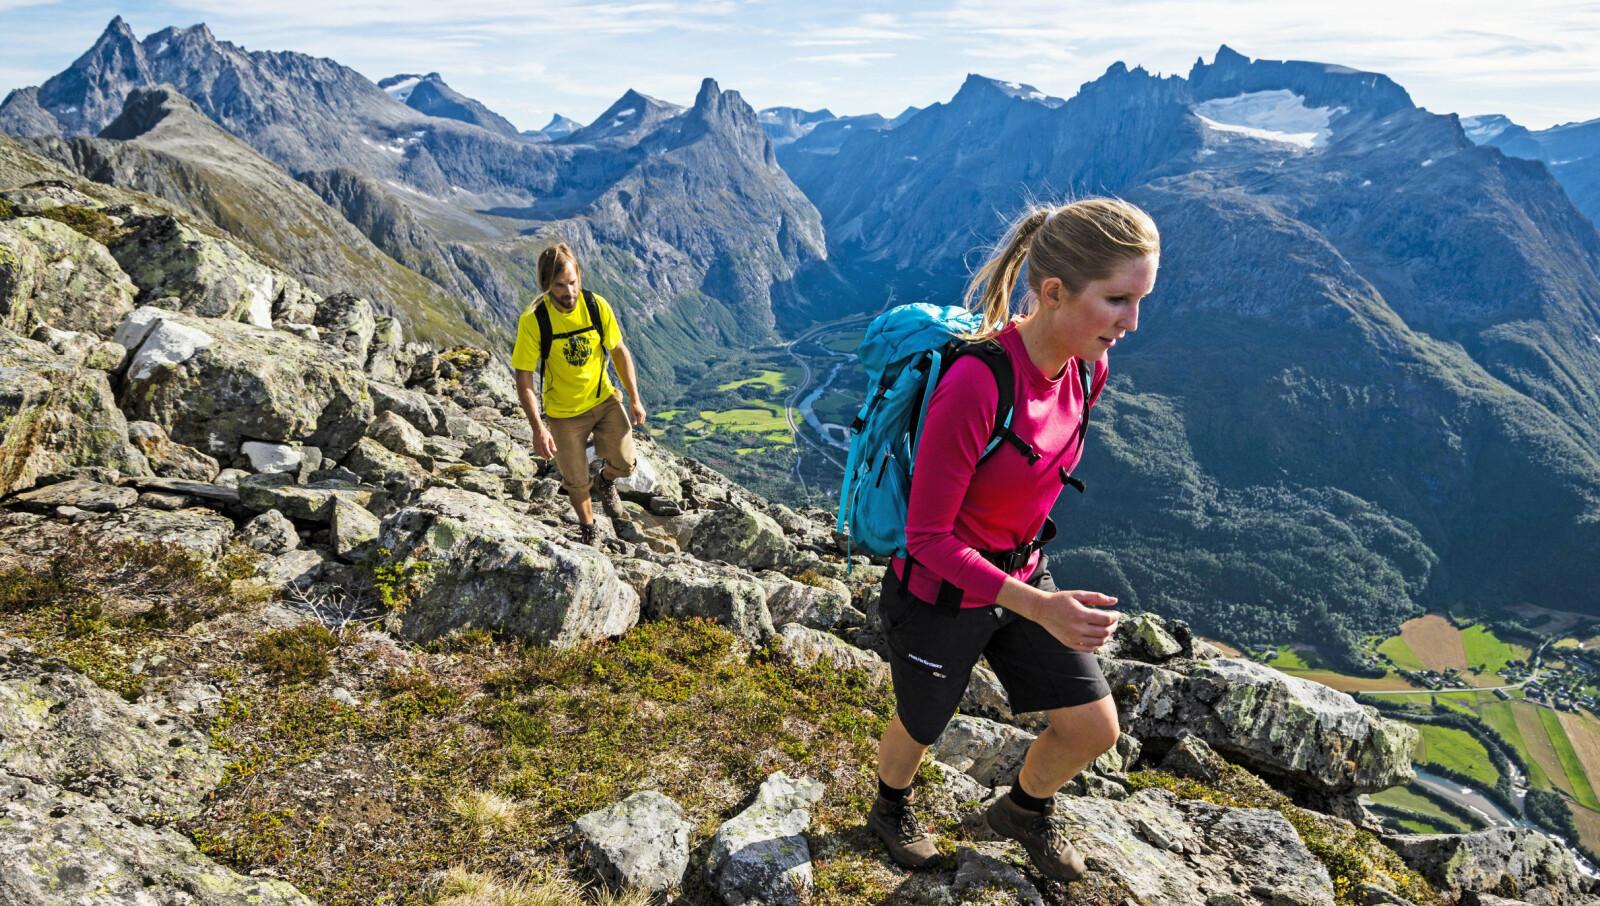 <b>ROMSDALSEGGEN: </b>Elle Cochrane og Johan Jonsson på tur over Romsdalseggen. Høyde: 1320 moh.